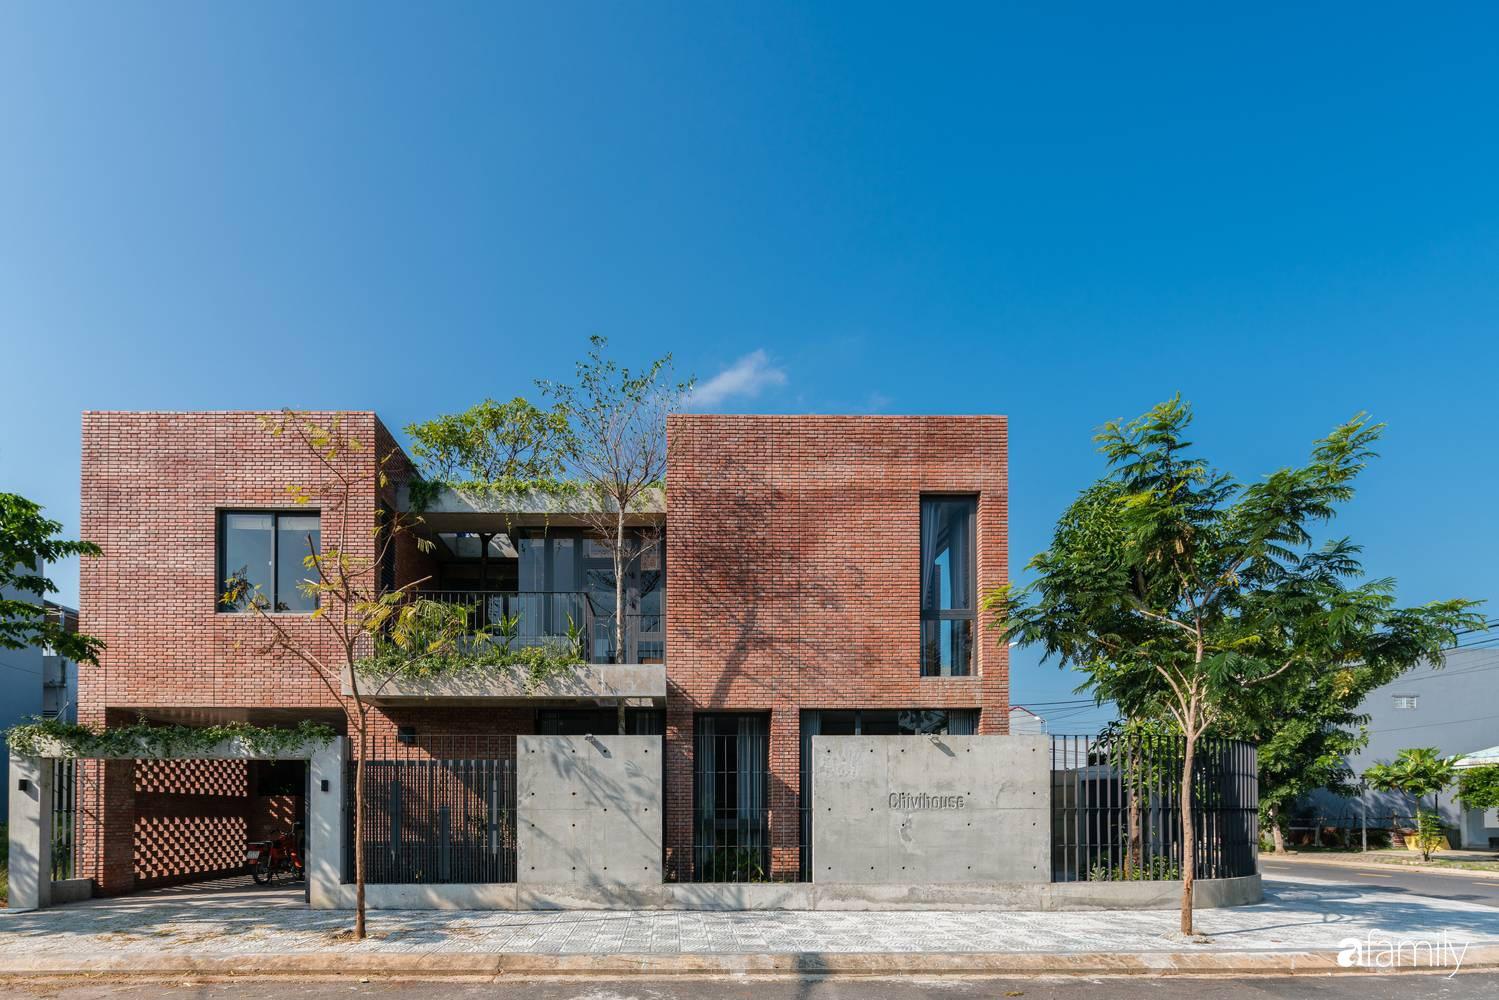 Ngôi nhà sử dụng vật liệu thuần tự nhiên tạo cảm giác bình yên cho hai cô con gái nhỏ cùng nhau lớn lên ở Đà Nẵng - Ảnh 2.